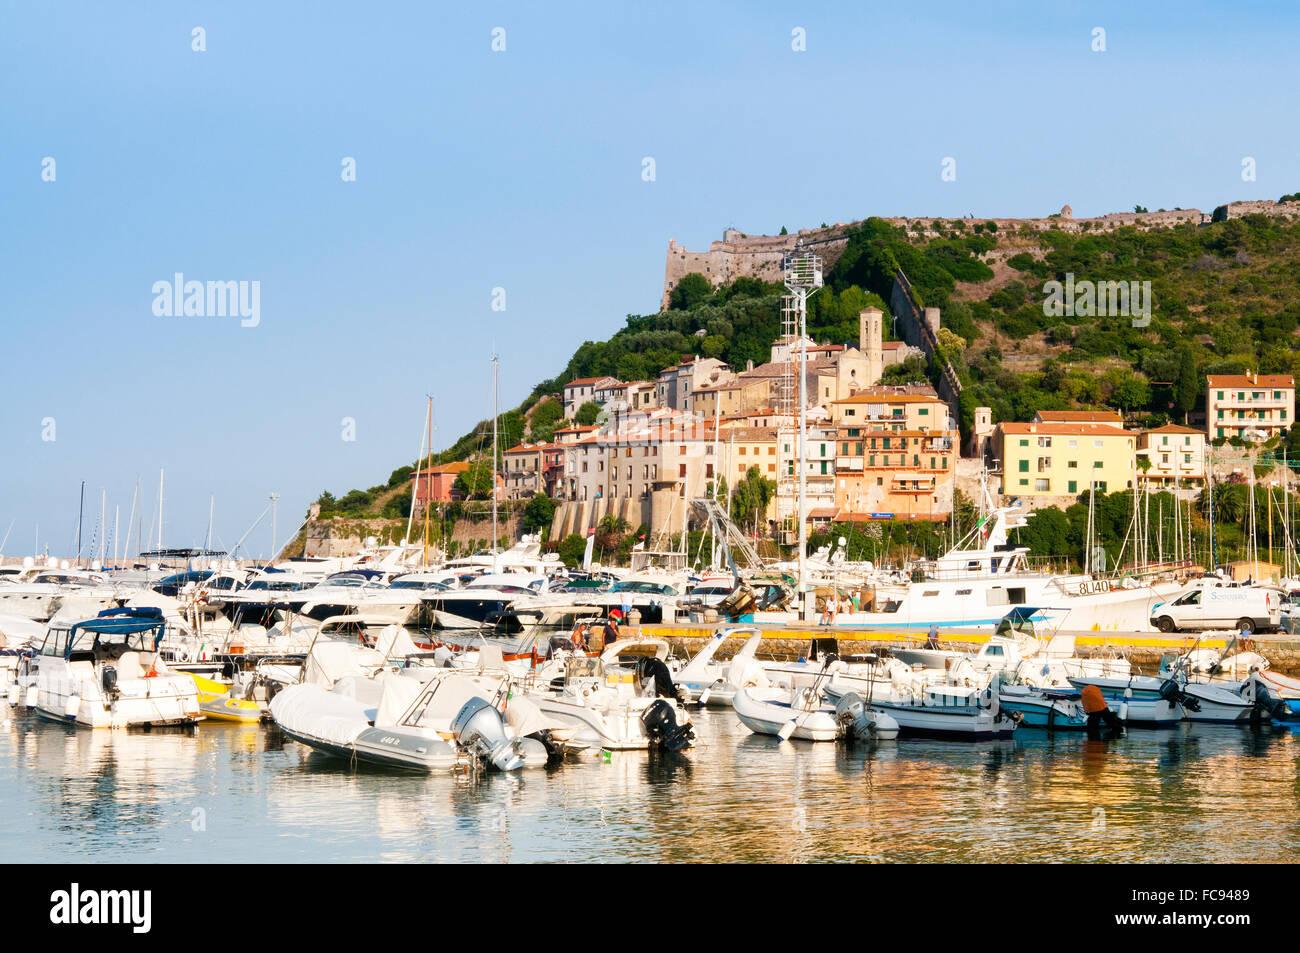 Porto Ercole, Grosseto Province, Tuscany, Italy, Europe - Stock Image